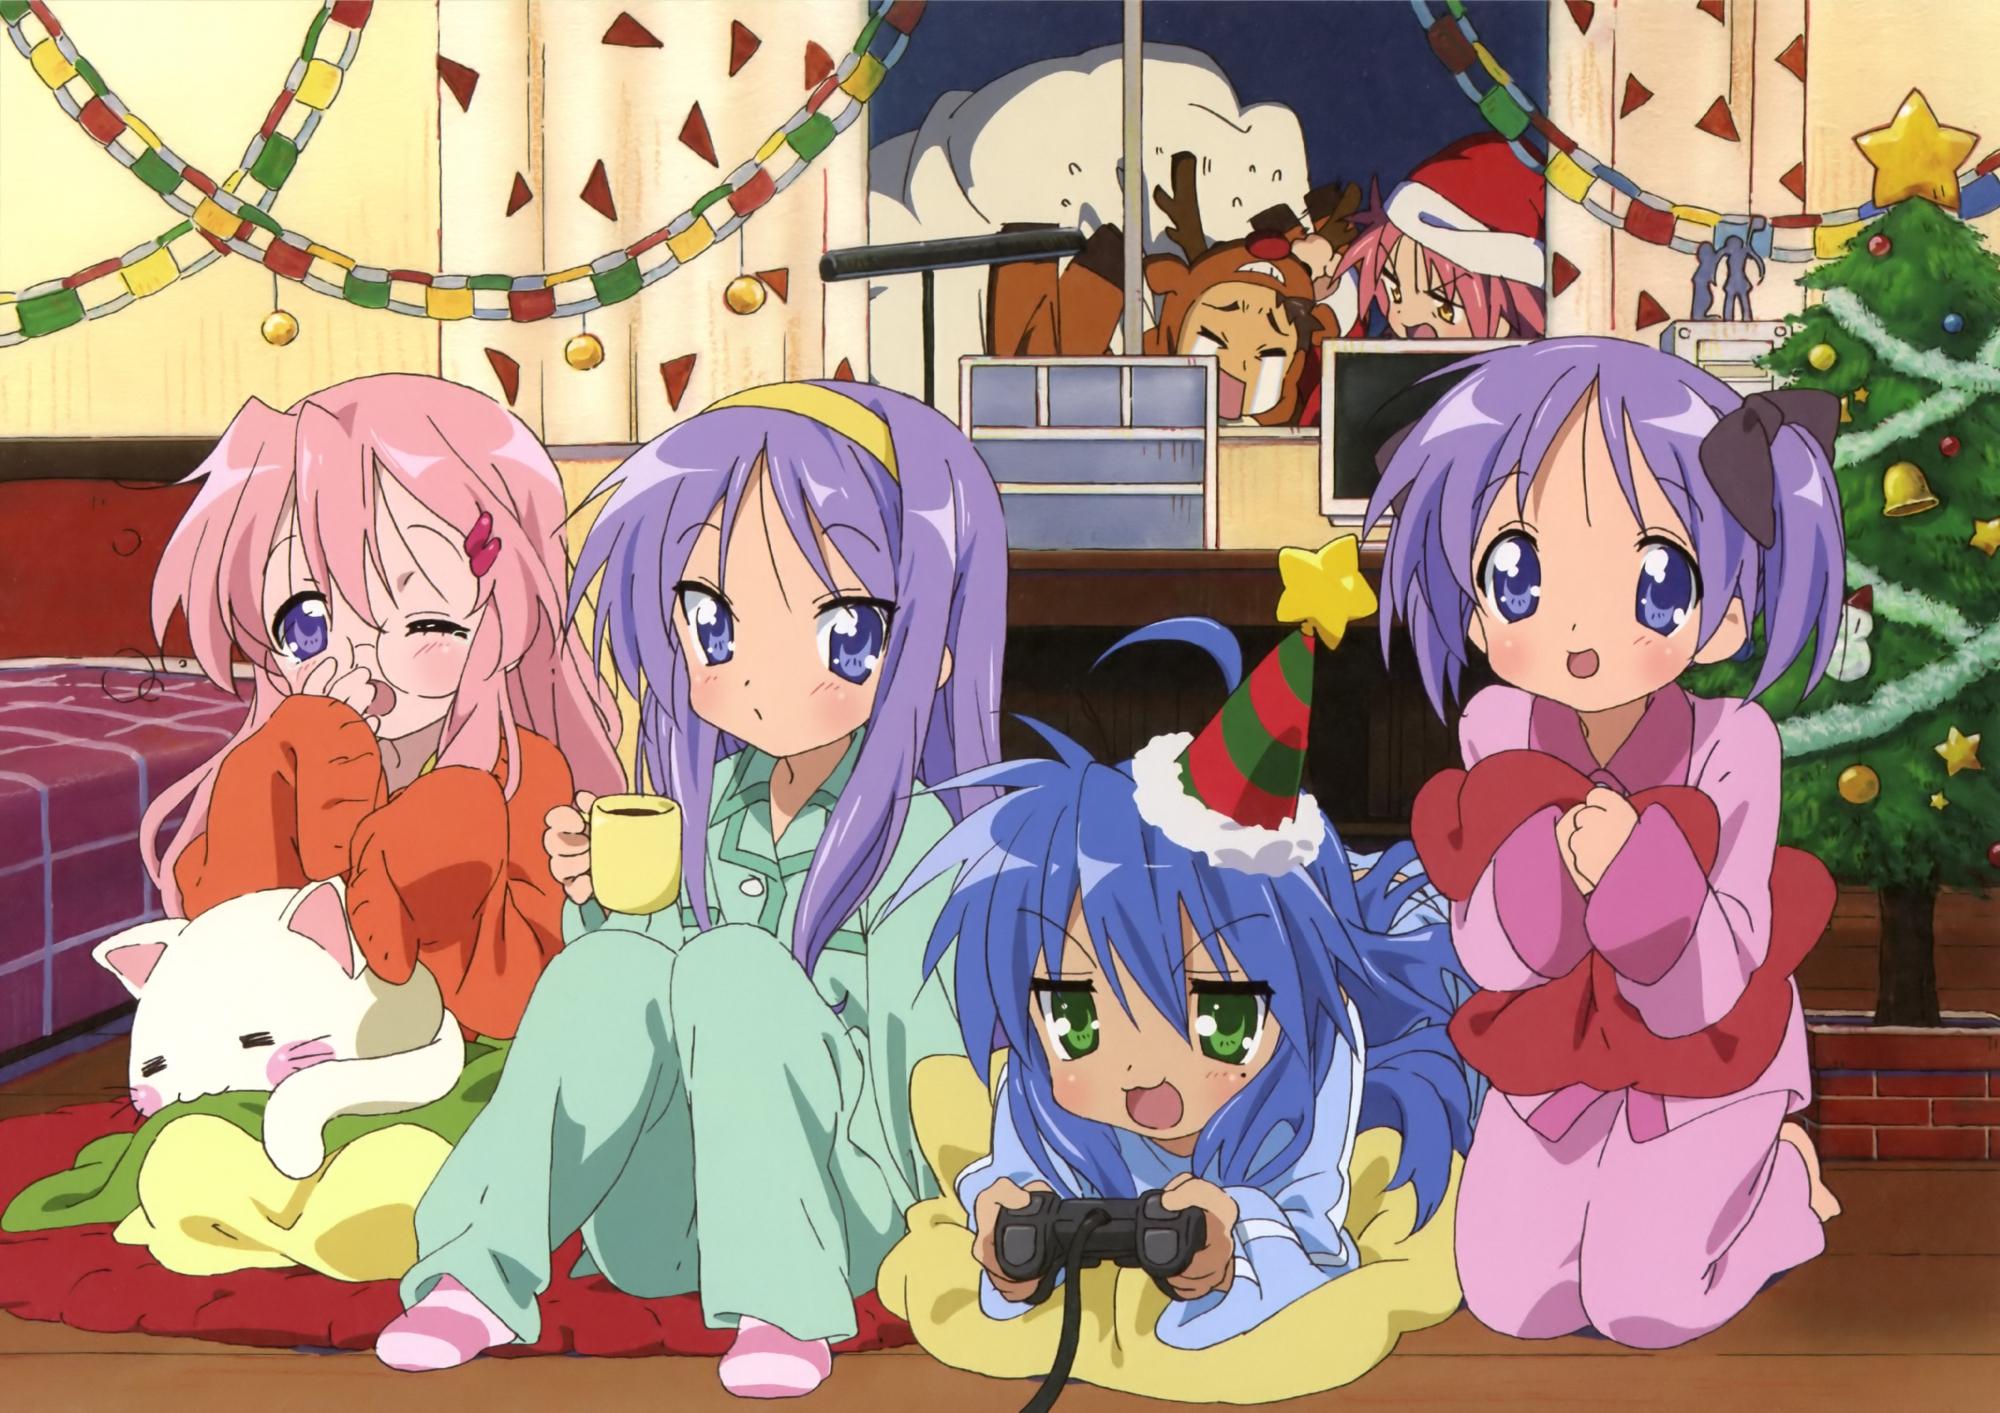 christmas hiiragi_kagami hiiragi_tsukasa izumi_konata kogami_akira lucky_star pajamas scan shiraishi_minoru takara_miyuki